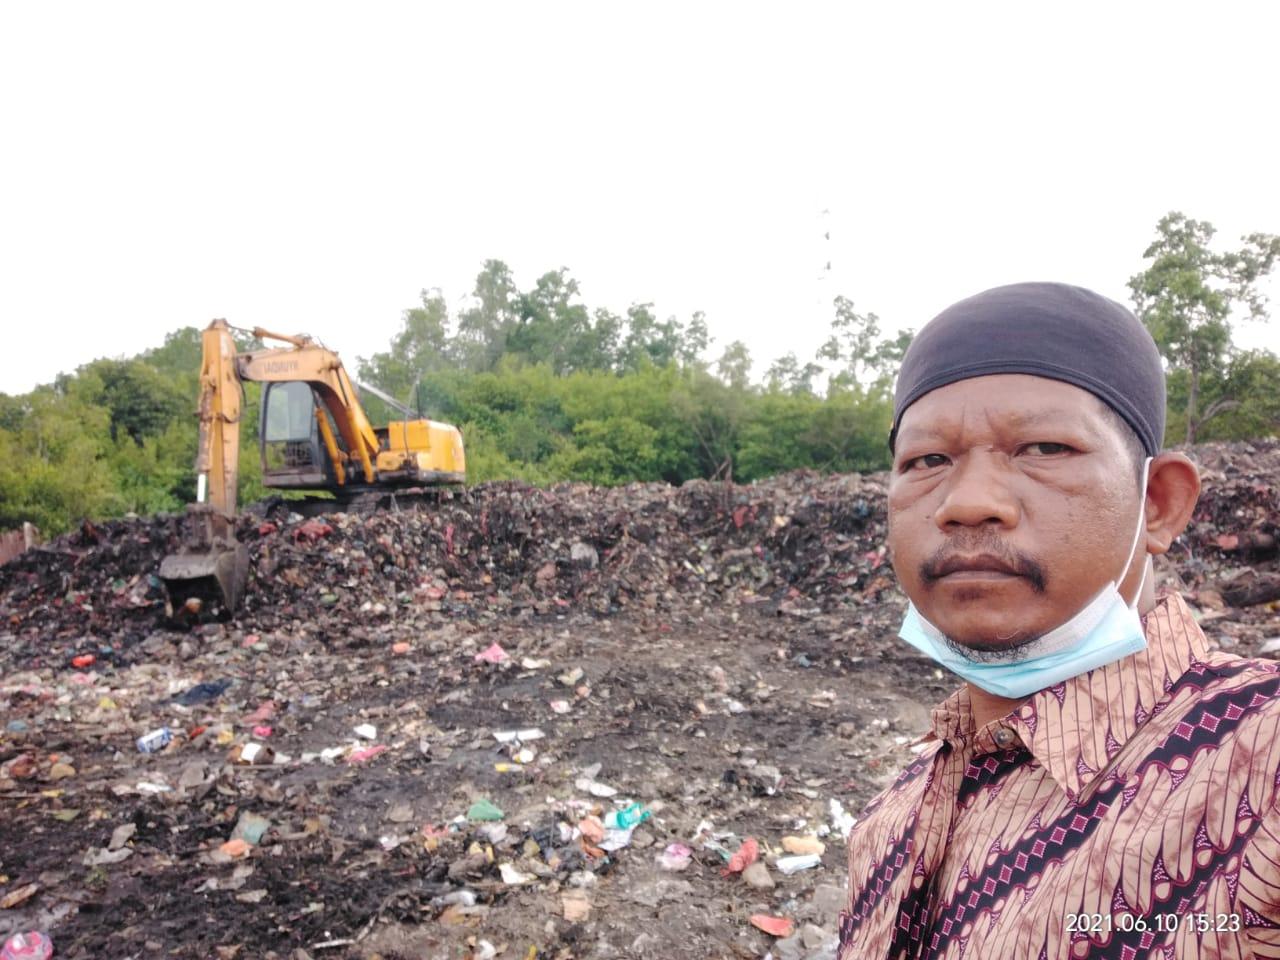 Kepala Bidang Kebersihan, Dinas Lingkungan Hidup Kepulauan Meranti, Husni Mubarak terlihat sedang mengawasi Eskavator yang mengeruk sampah di TPS Jalan Rumbia